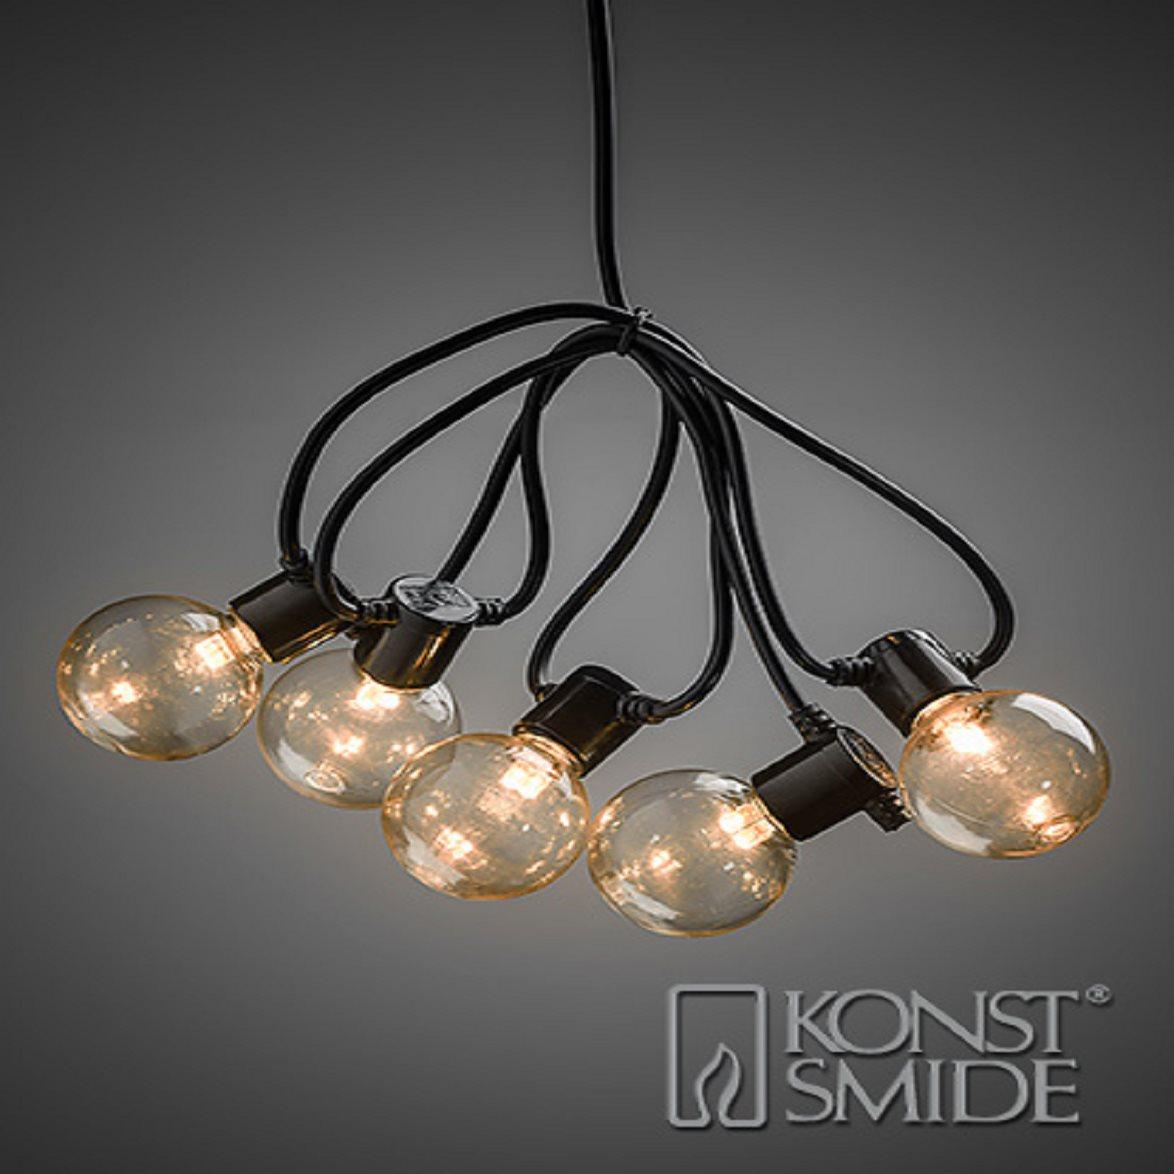 Strålande Ljusslinga LED 20 lampor amber E14, 24V/IP44 - Stockholms bästa MD-08